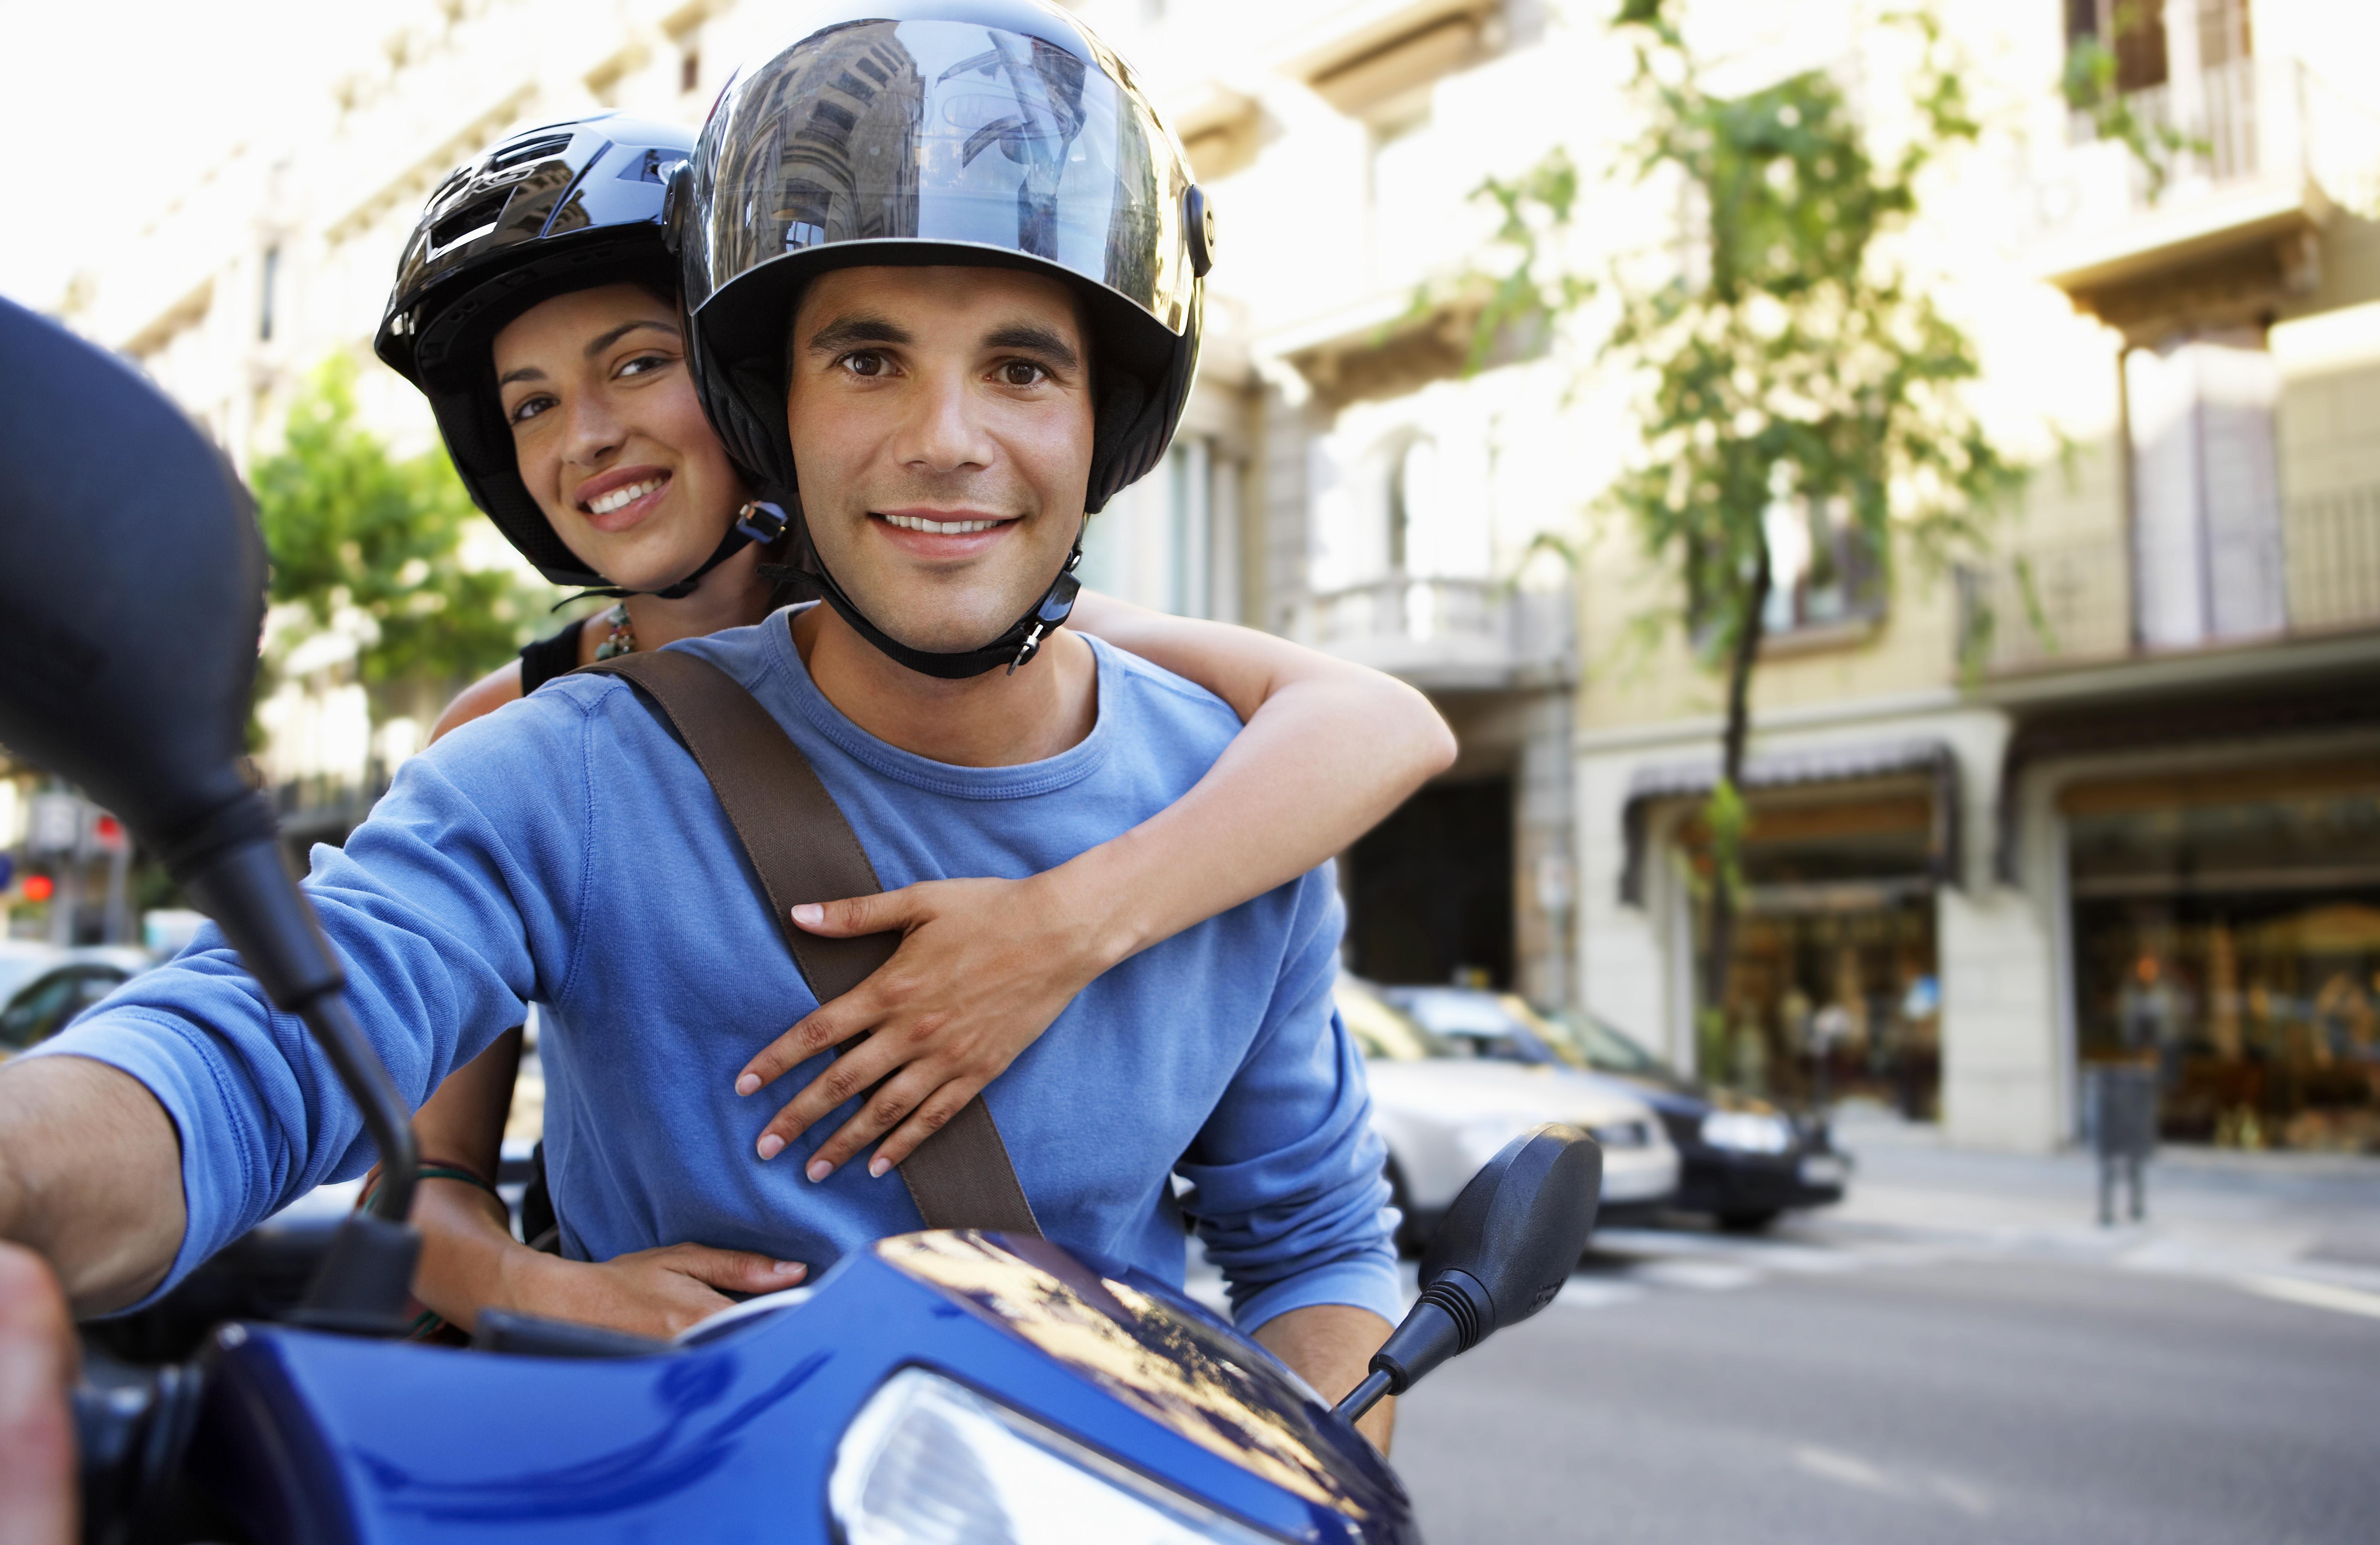 Momak u dvadesetim godinama vozi motor, a djevojka sjedi iza njega i zagrila ga je, oboje imaju kacigu na glavi.